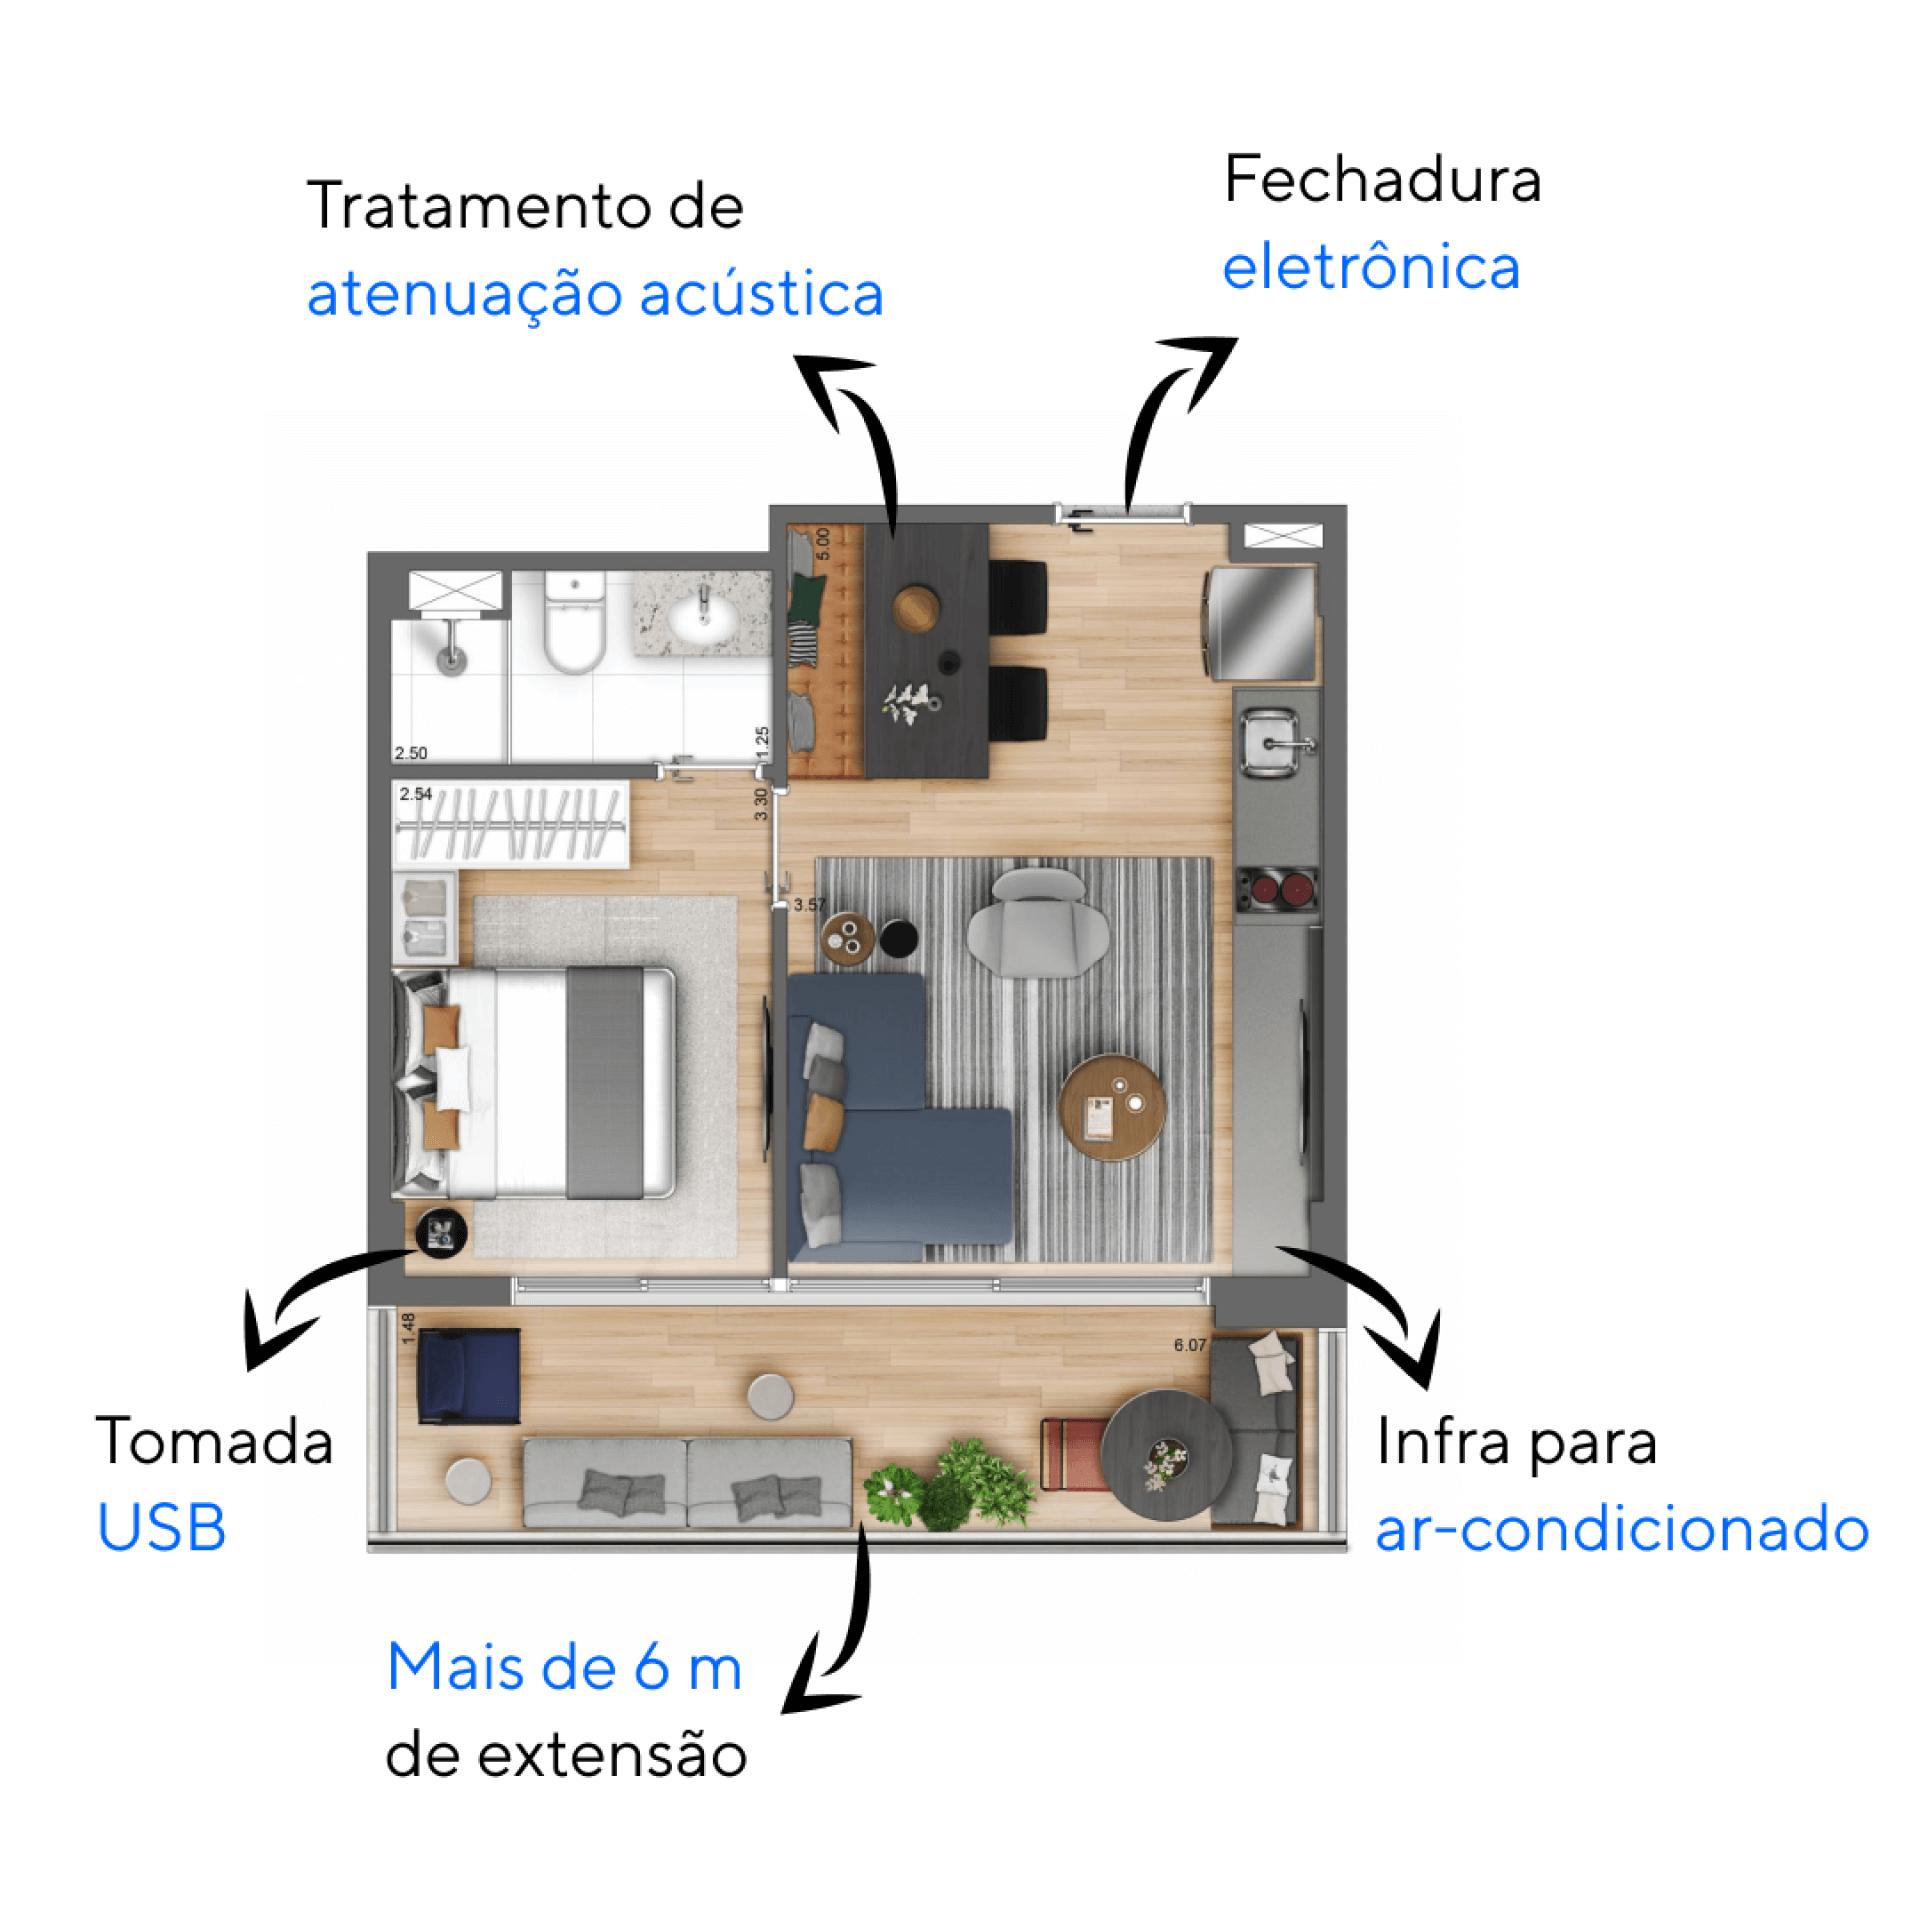 43 M² - 1 DORMITÓRIO. Apartamentos na República com 1 dormitório. Destaque para o terraço com mais de 6 metros de frente, integrado ao living e a suíte, permitindo maior iluminação e ventilação natural.